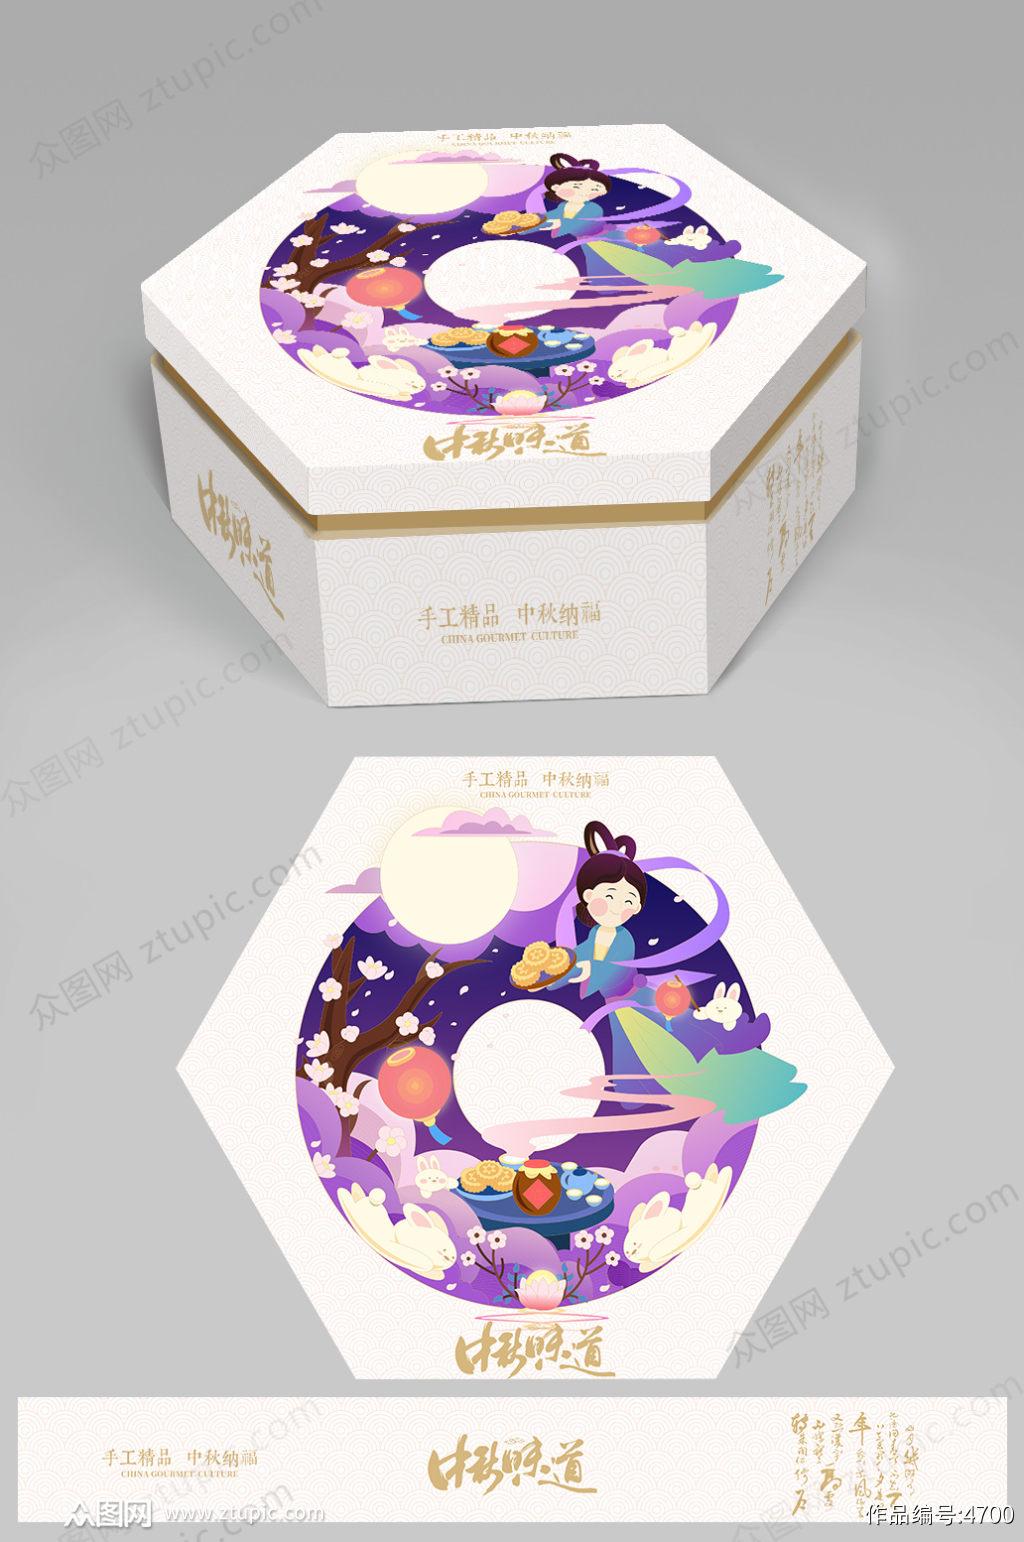 时尚简约原创手绘中秋月饼盒设计素材